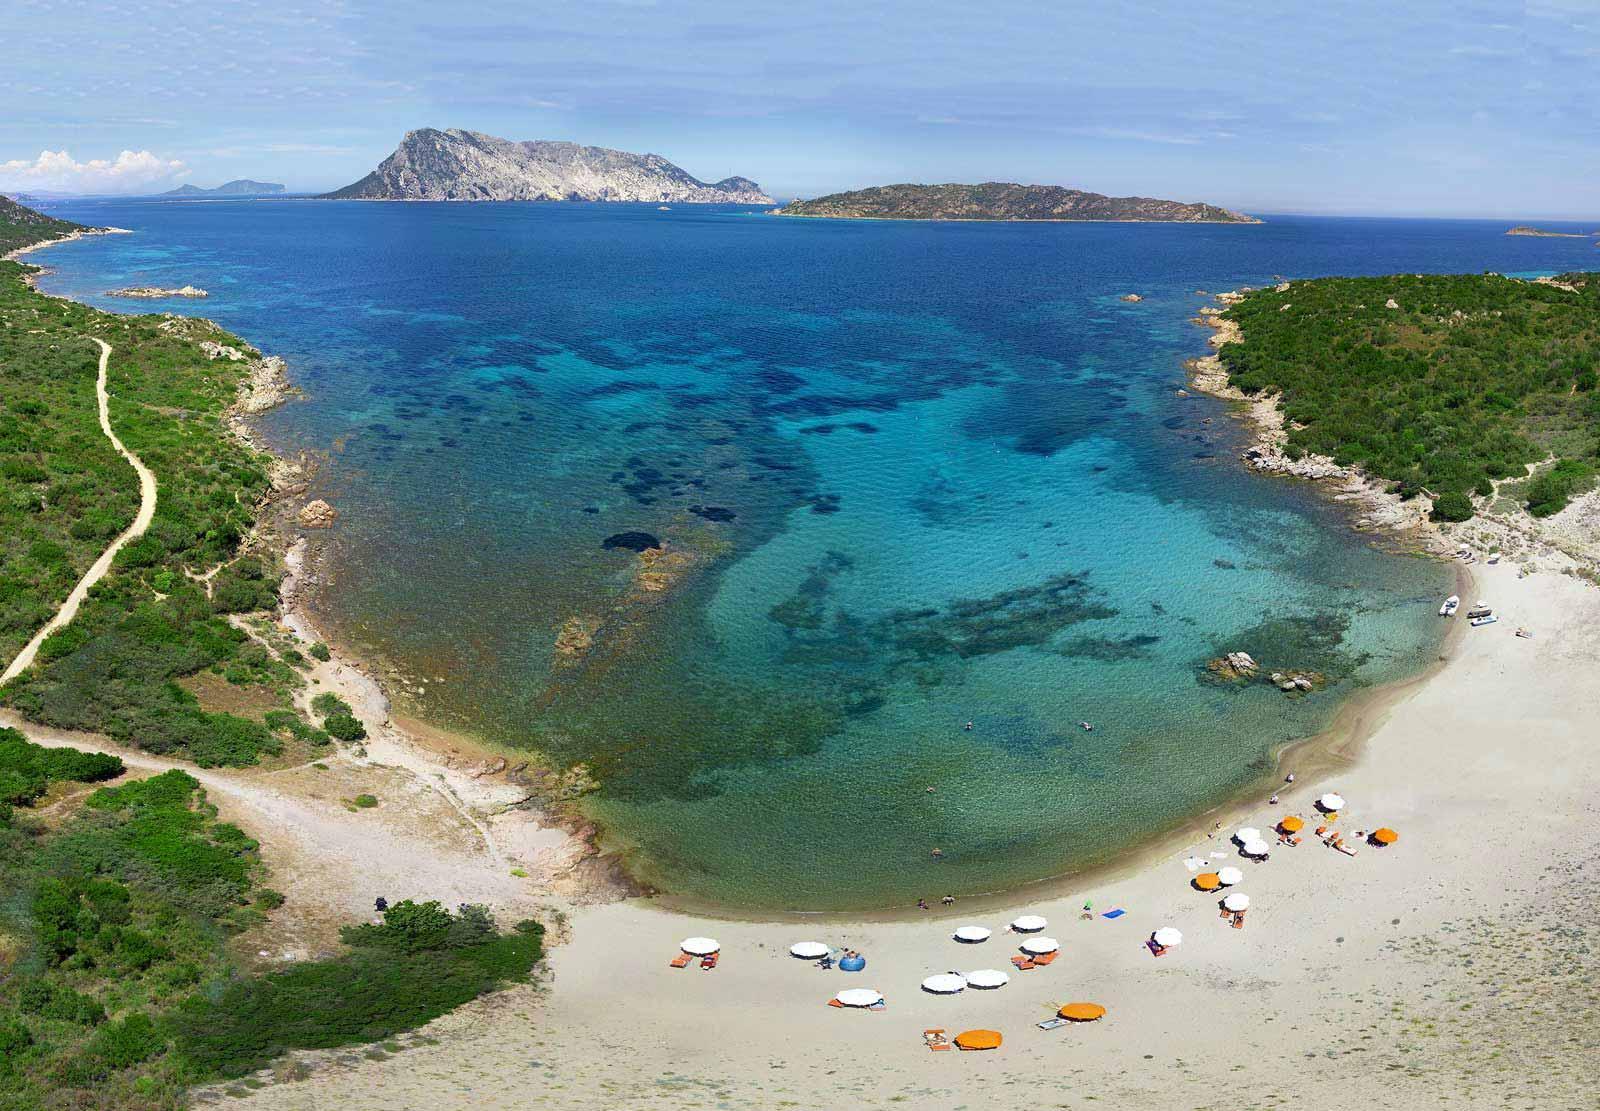 La Pipara beach